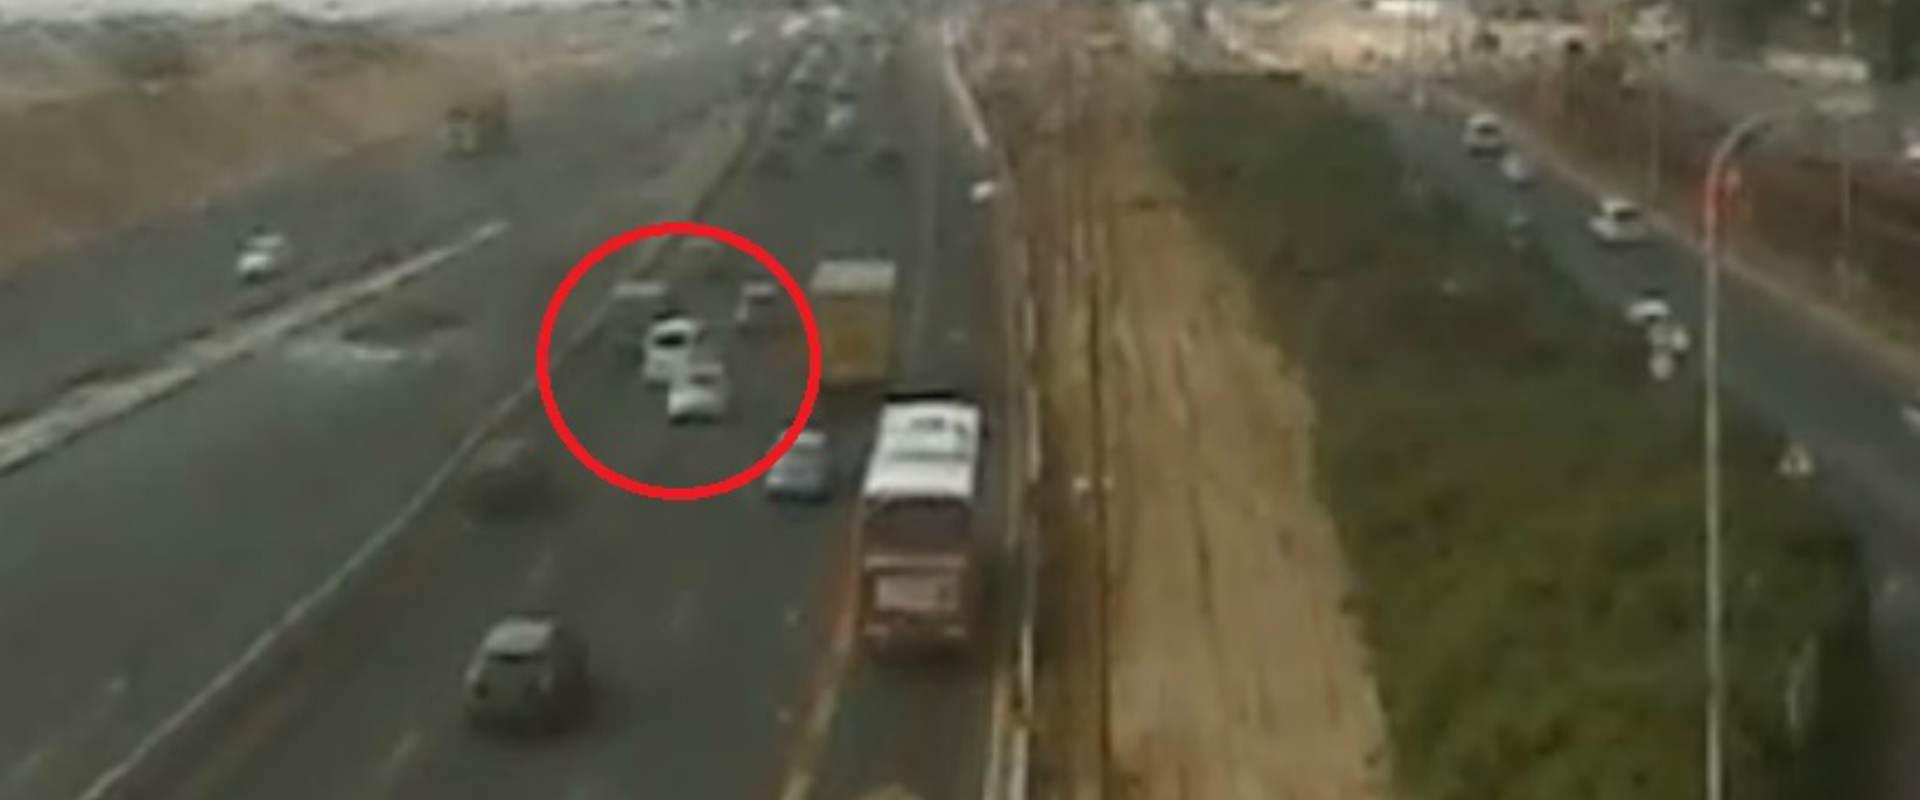 הרכב שאחריו נוהל המצוד המשטרתי